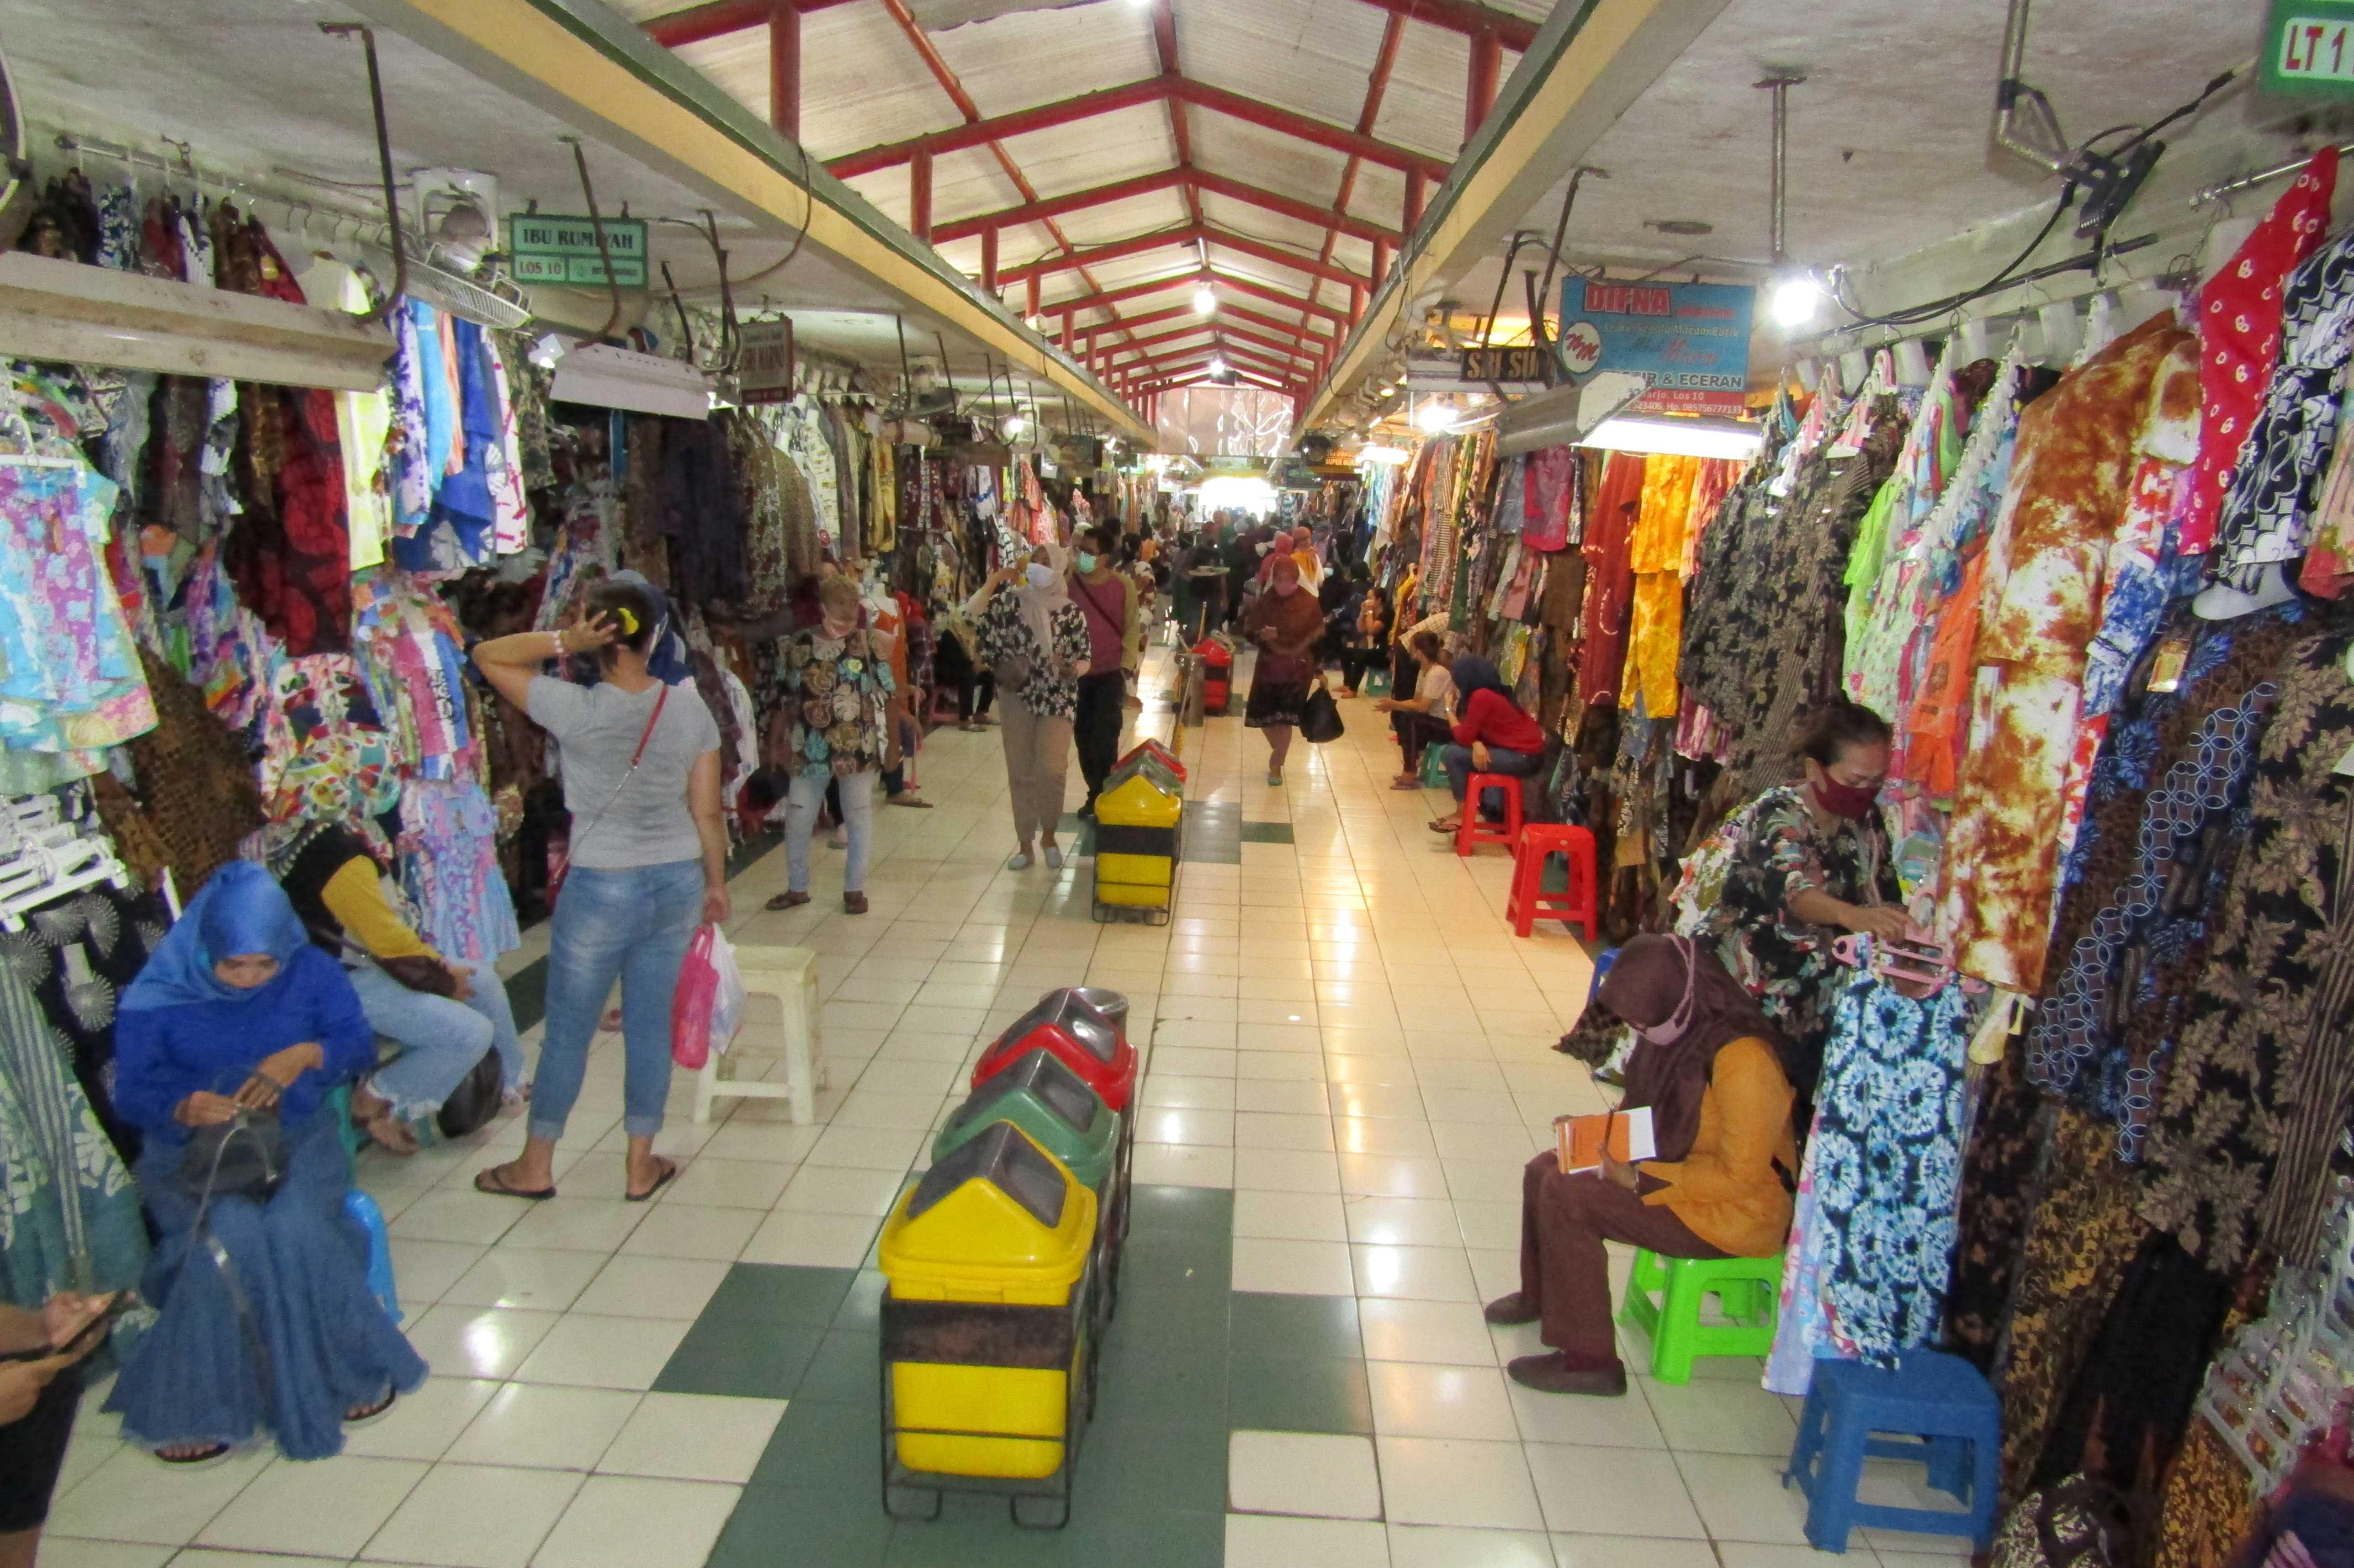 Jelang Lebaran, Pemkot Yogya Tingkatkan Pengawasan Prokes di Pasar